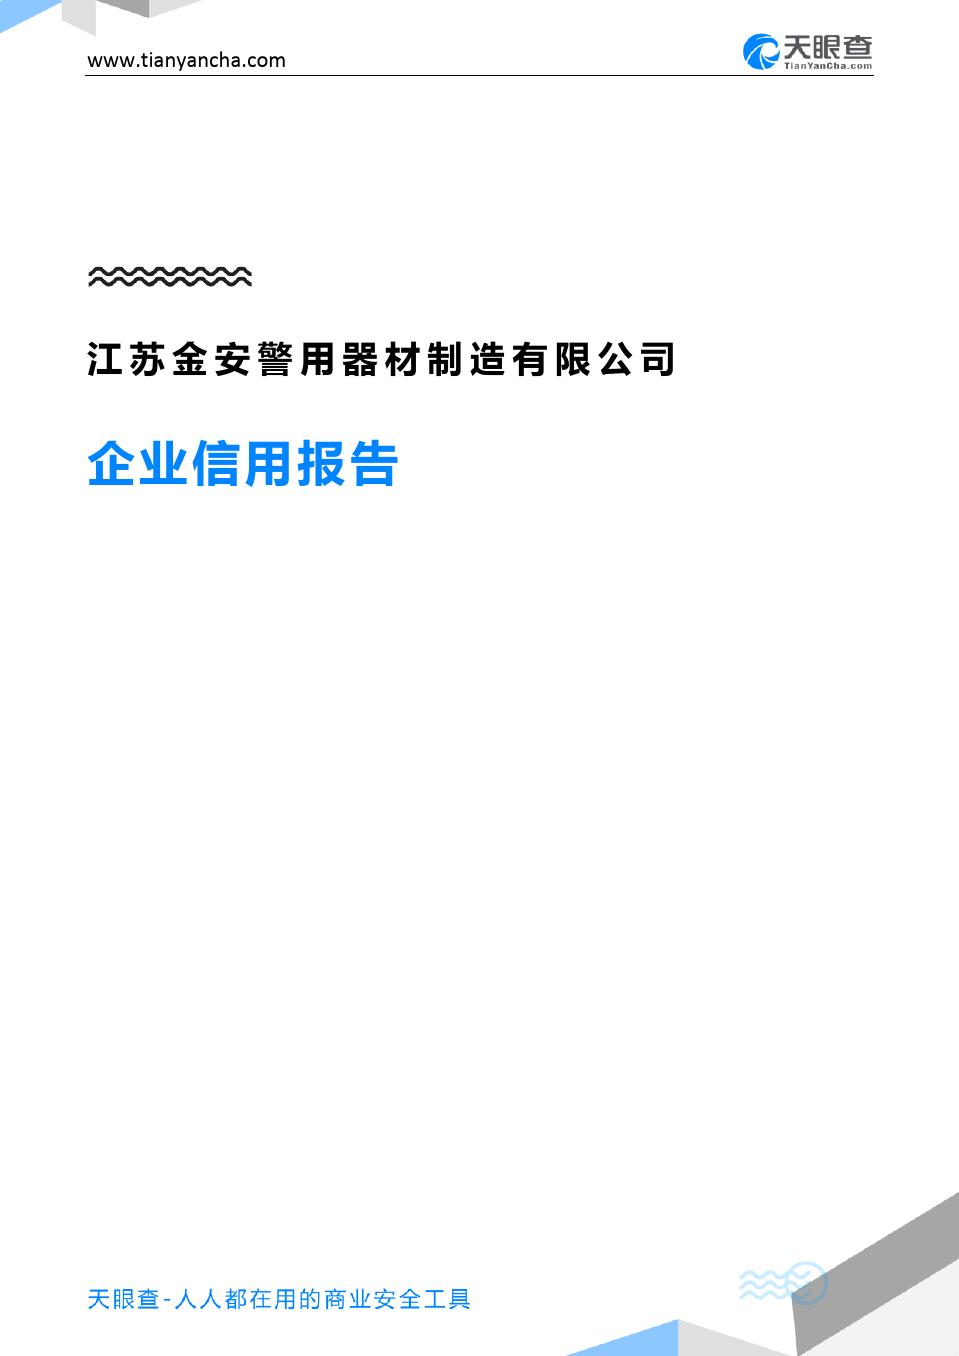 江苏金安警用器材制造有限公司(企业信用报告)- 天眼查